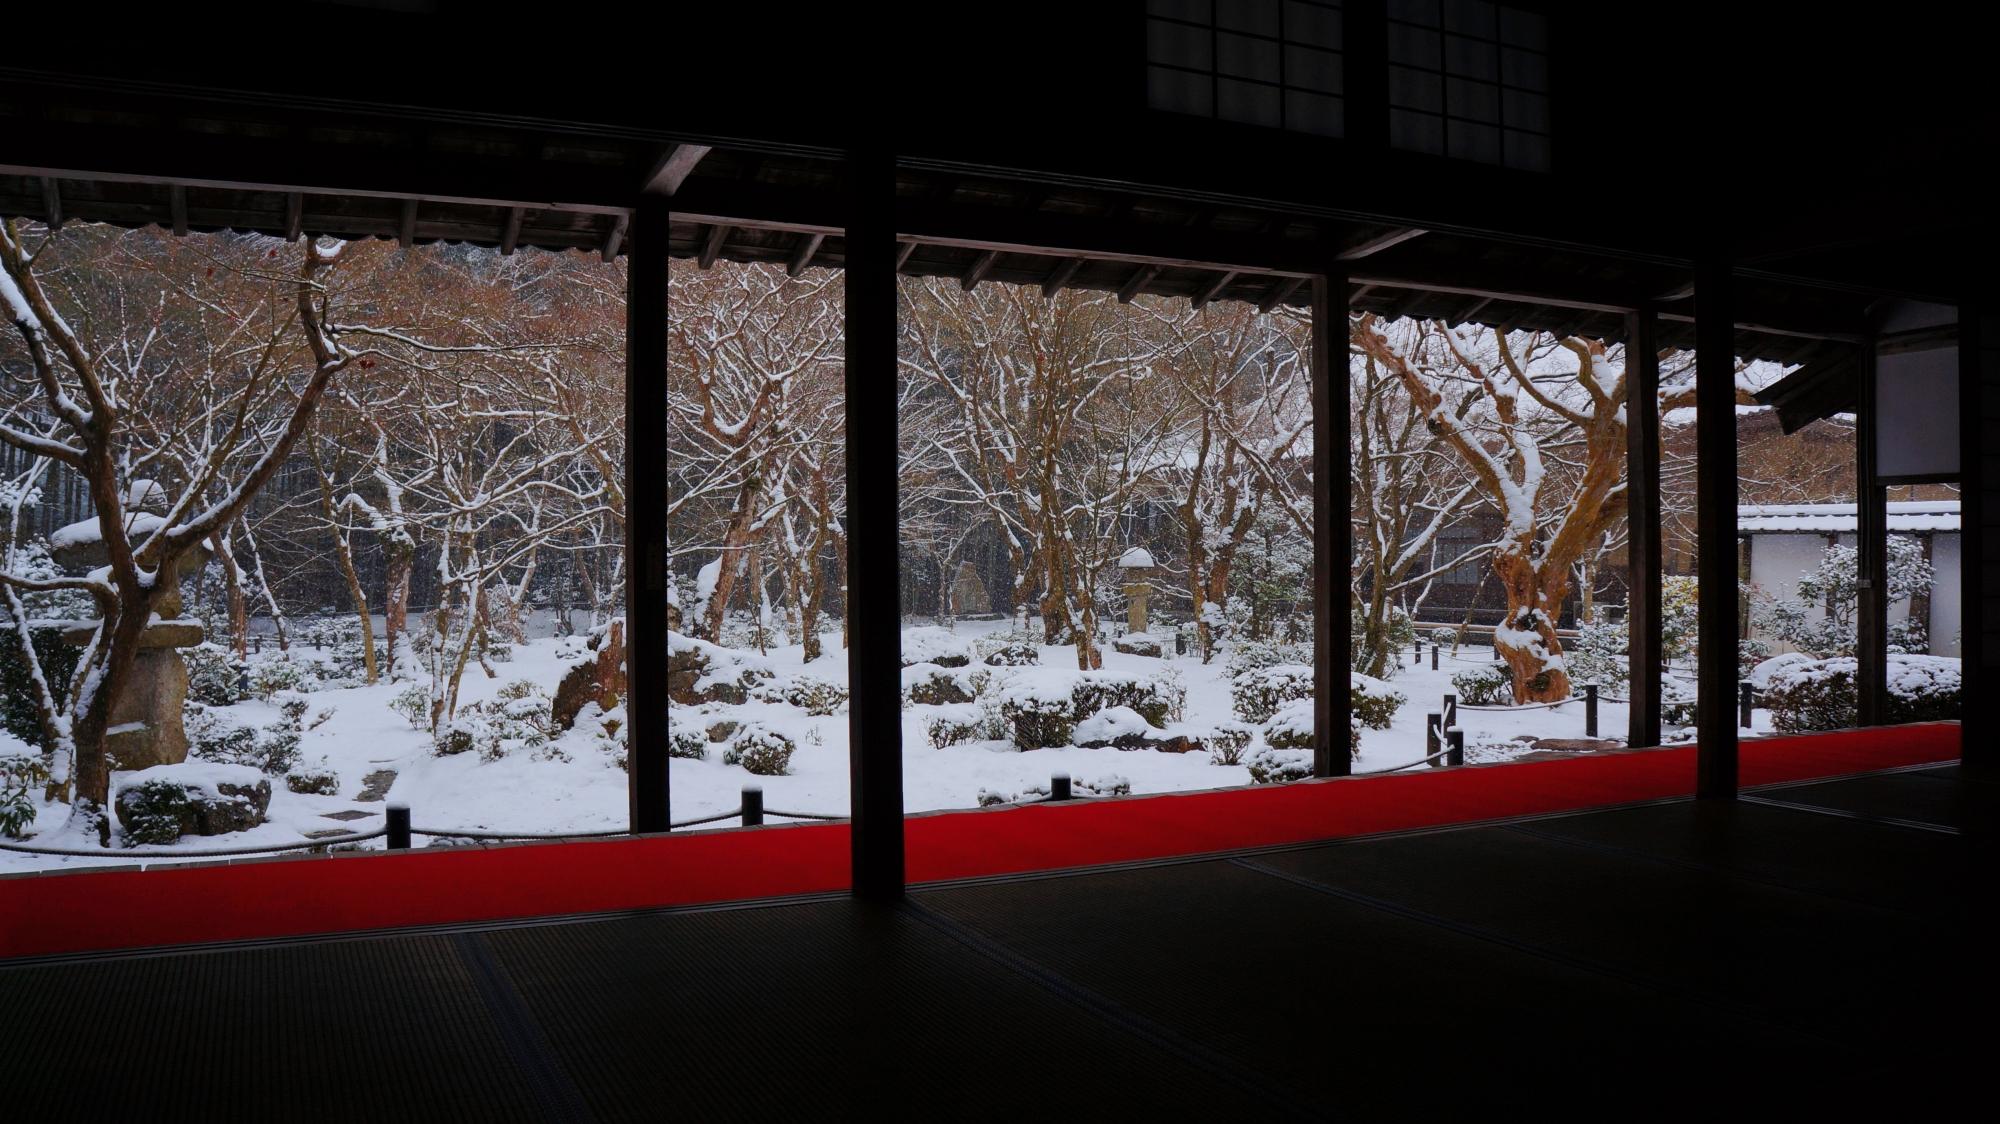 書院から眺めた十牛之庭の雪景色